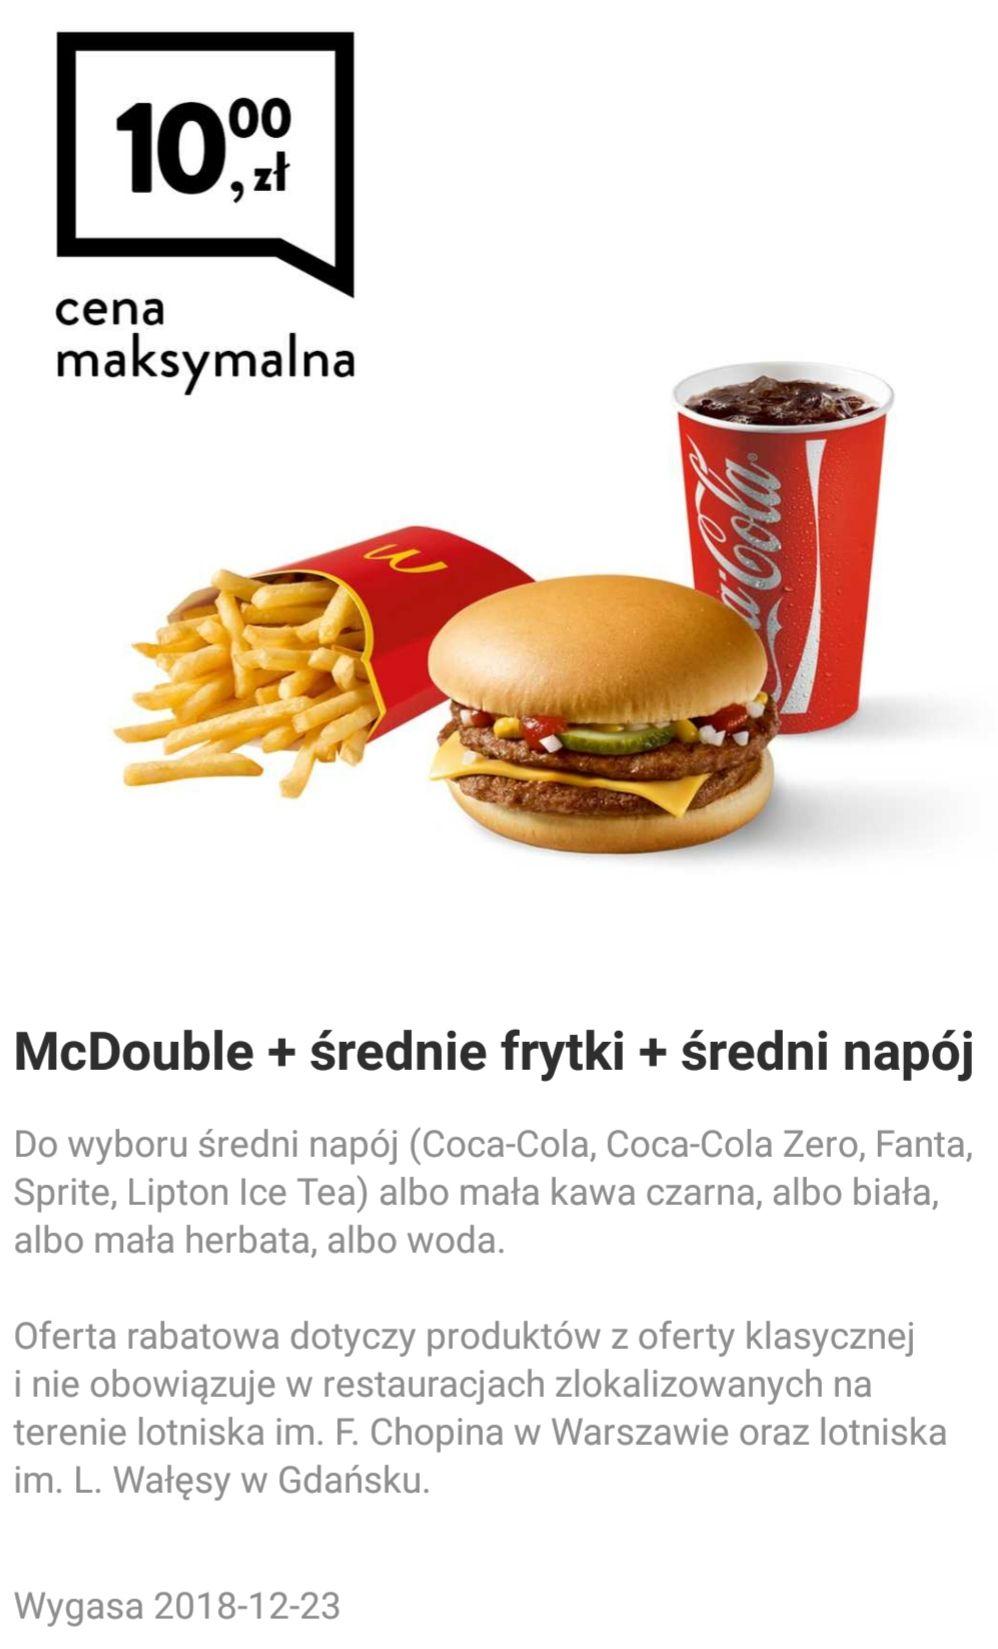 W aplikacji McDonald Mcdouble z frytkami i napojem za 10 zł